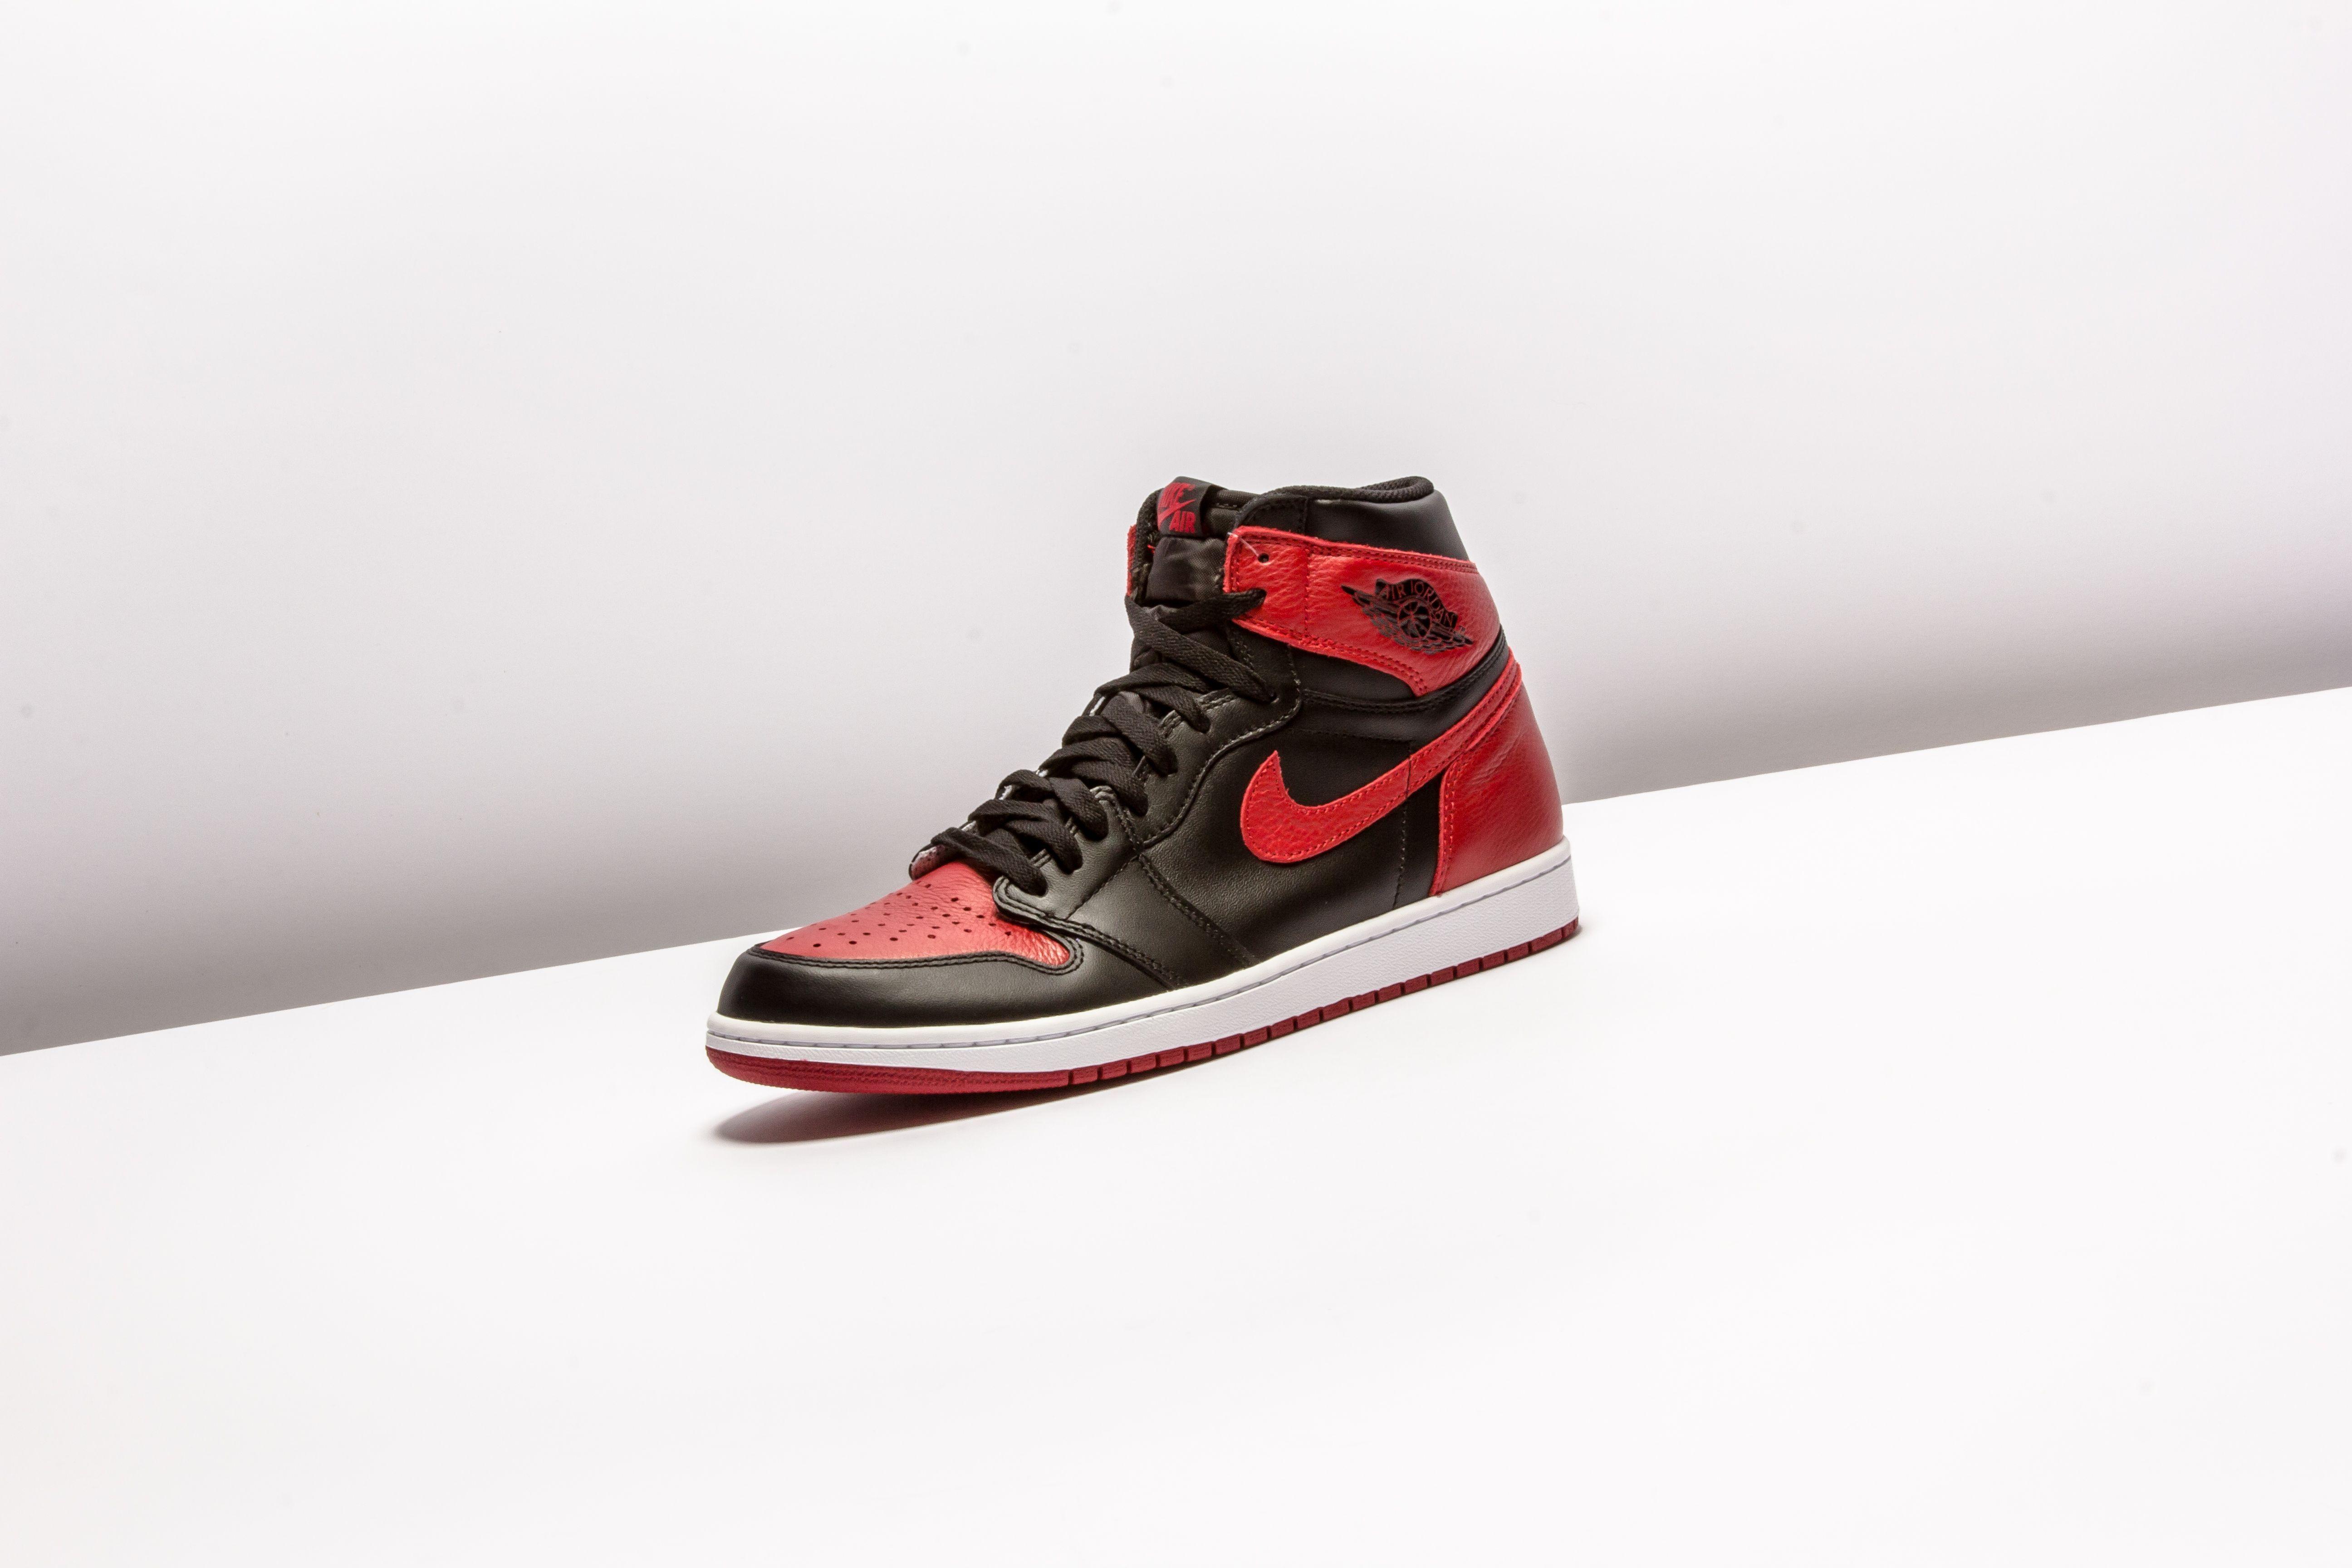 Air Jordan 1 Og Bred Toe Aj1 555088 610 With Images Sneakers